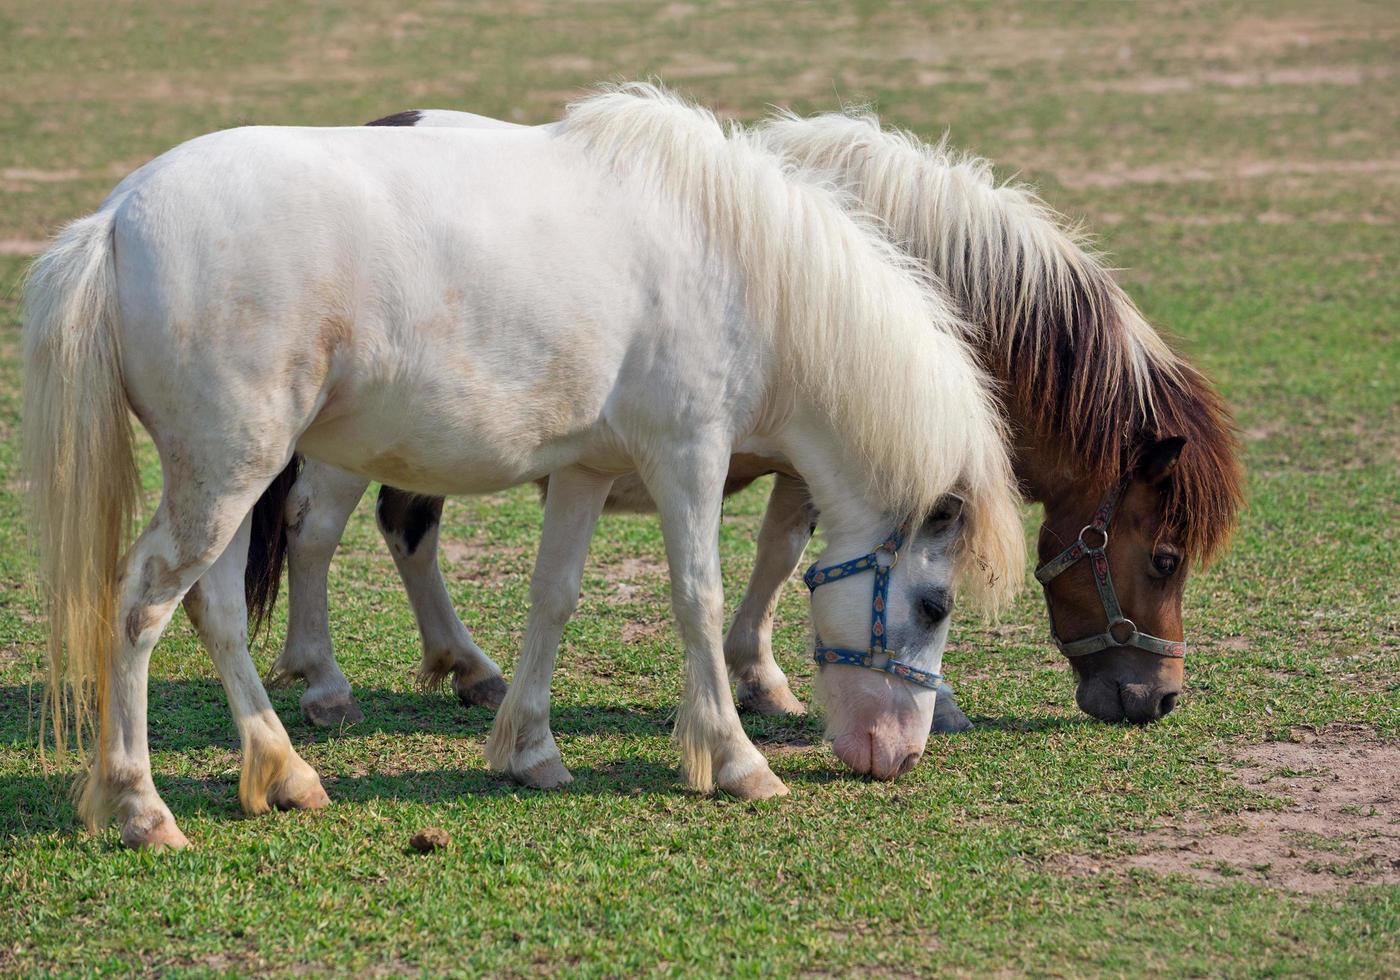 los caballos enanos descansan sobre la hierba. foto